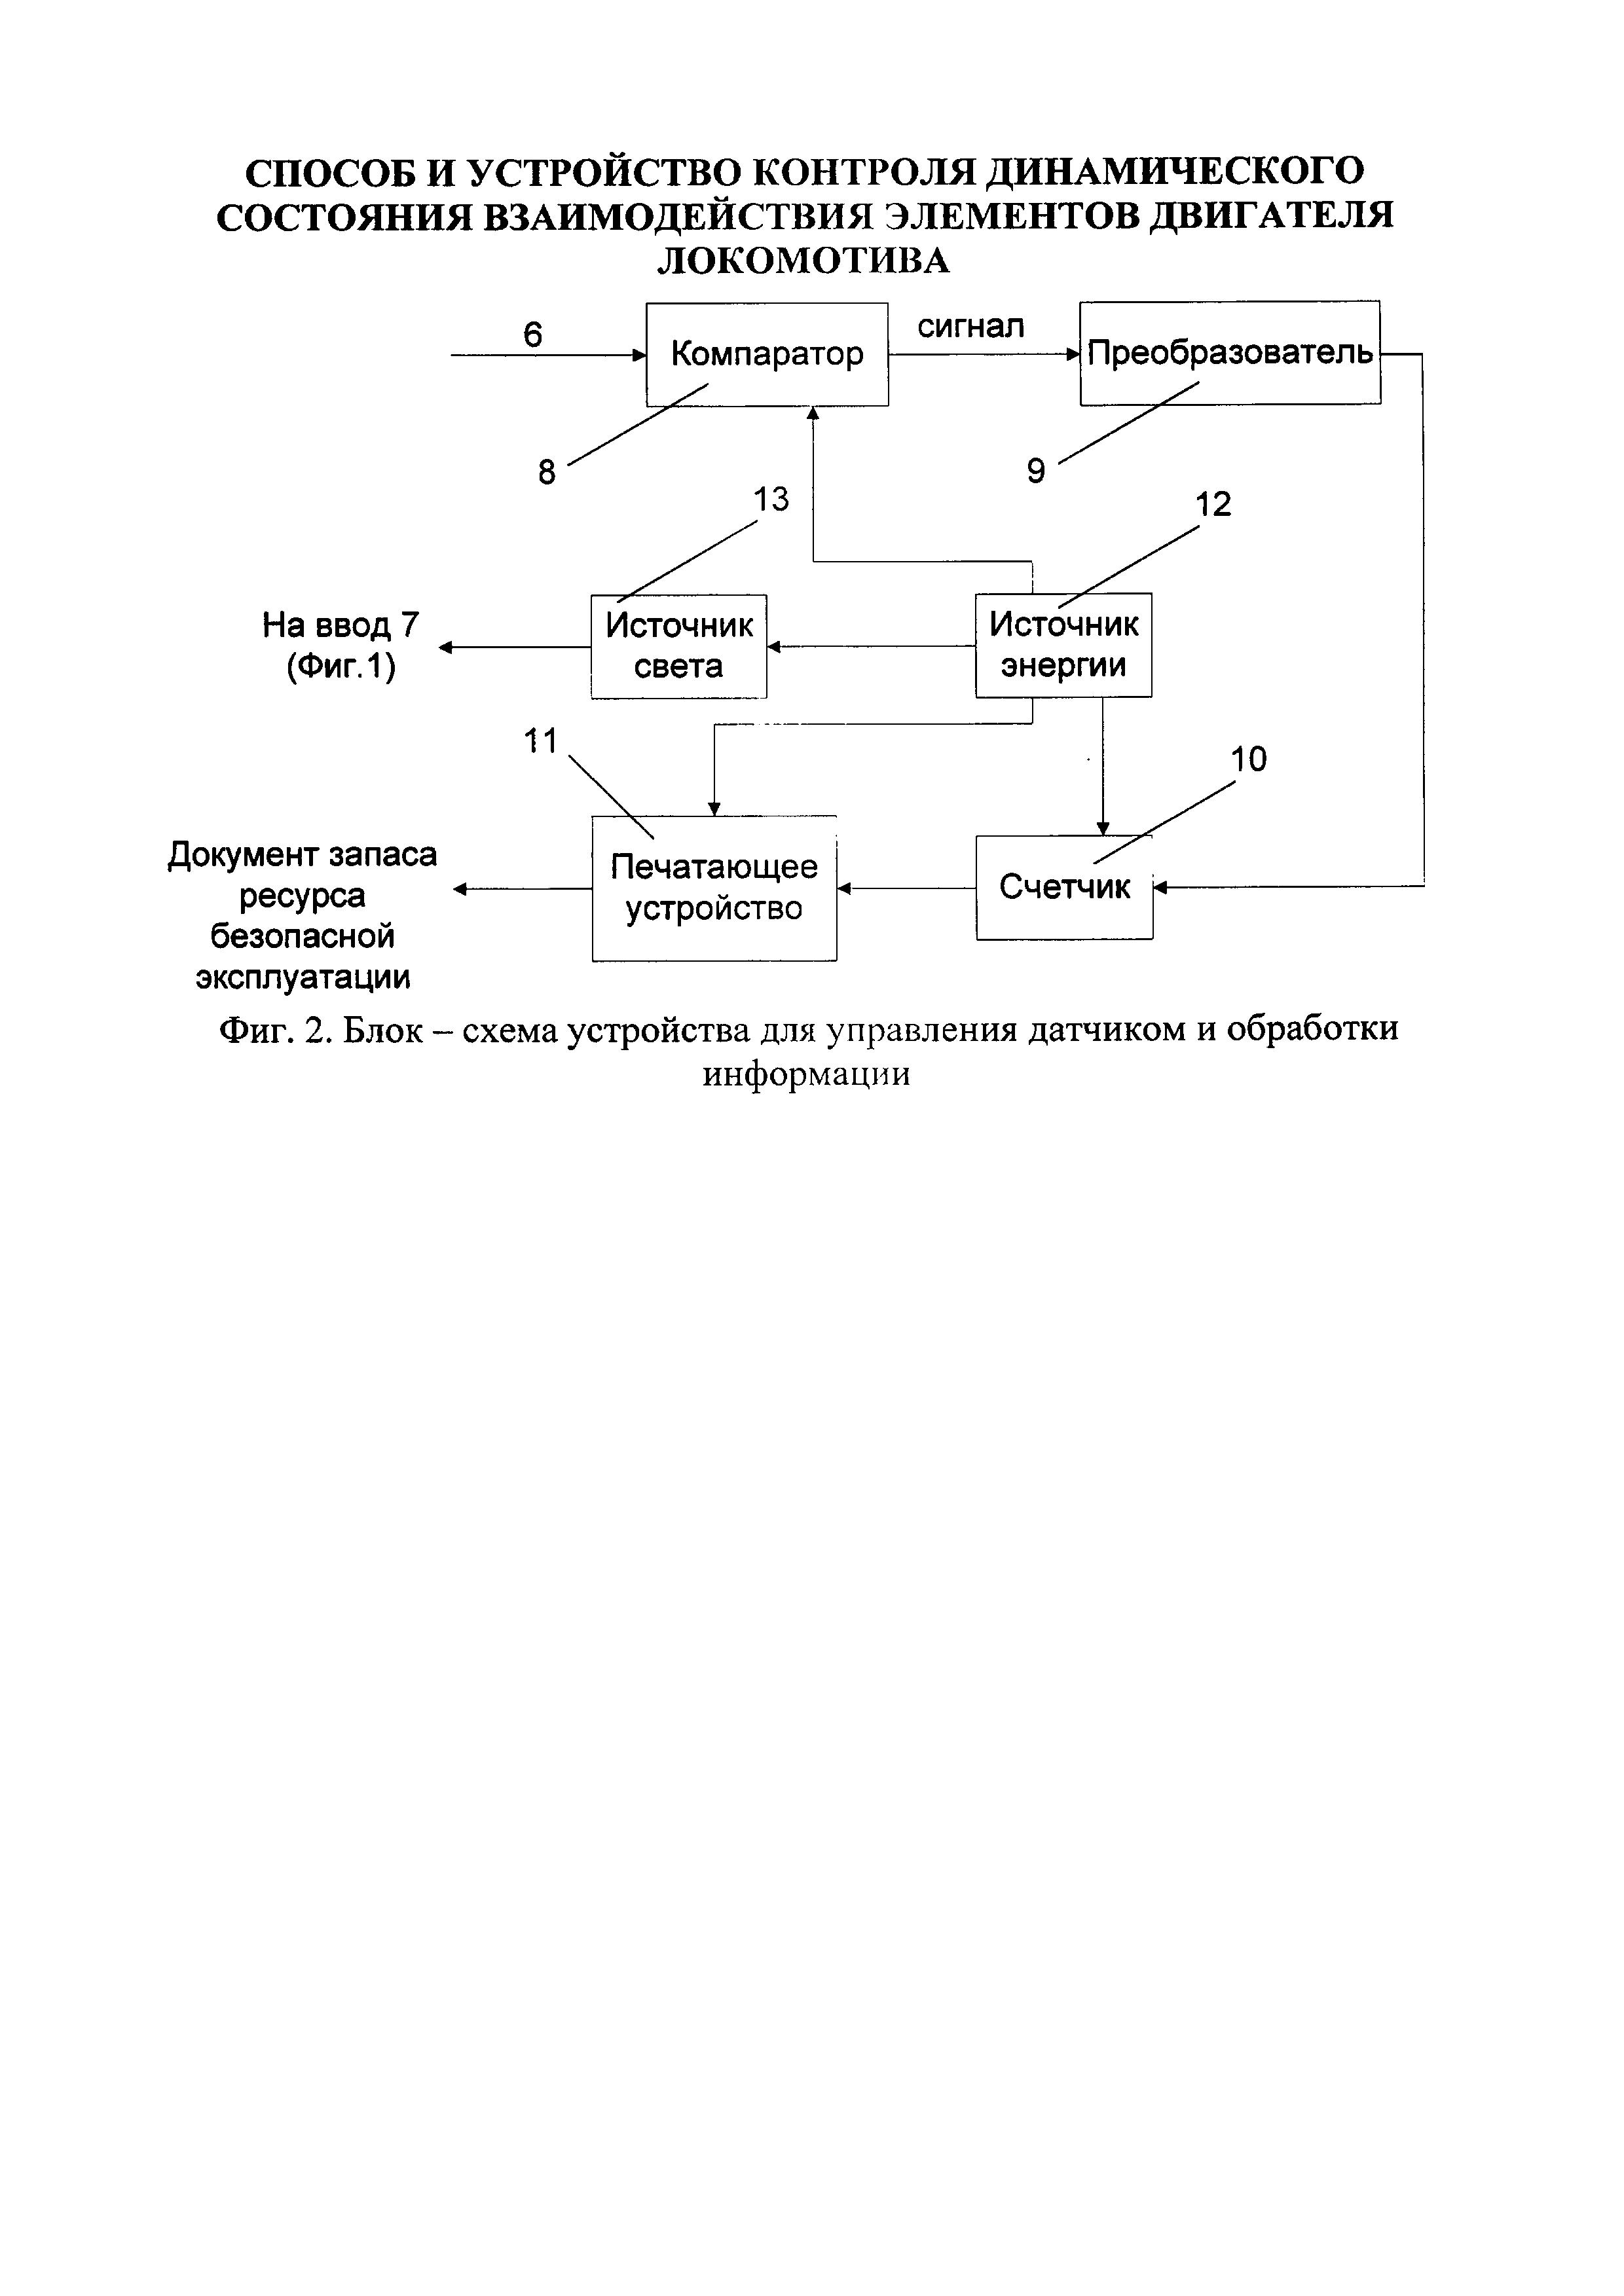 Способ и устройство контроля динамического состояния взаимодействия элементов двигателя локомотива